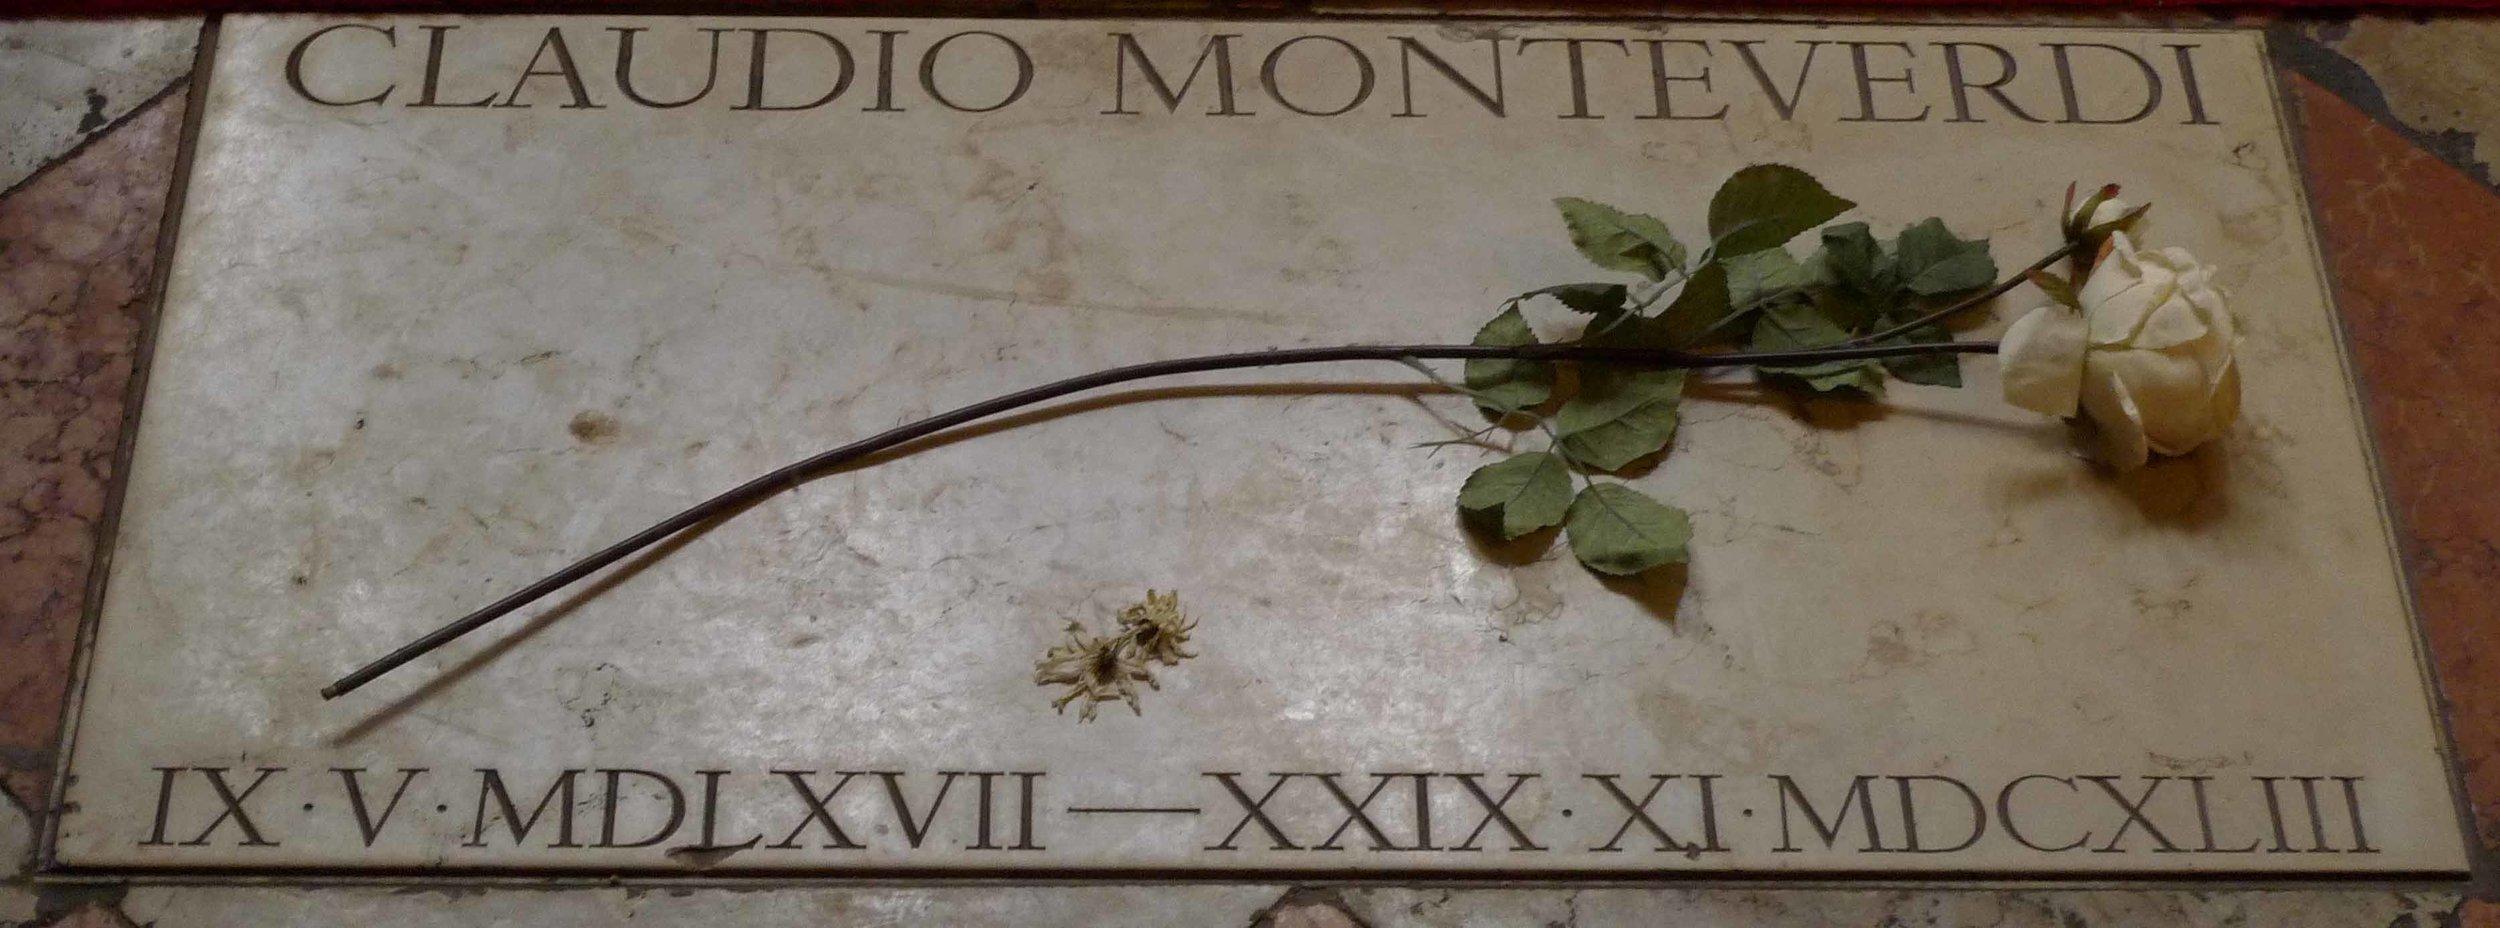 Monteverdi tomb.jpg